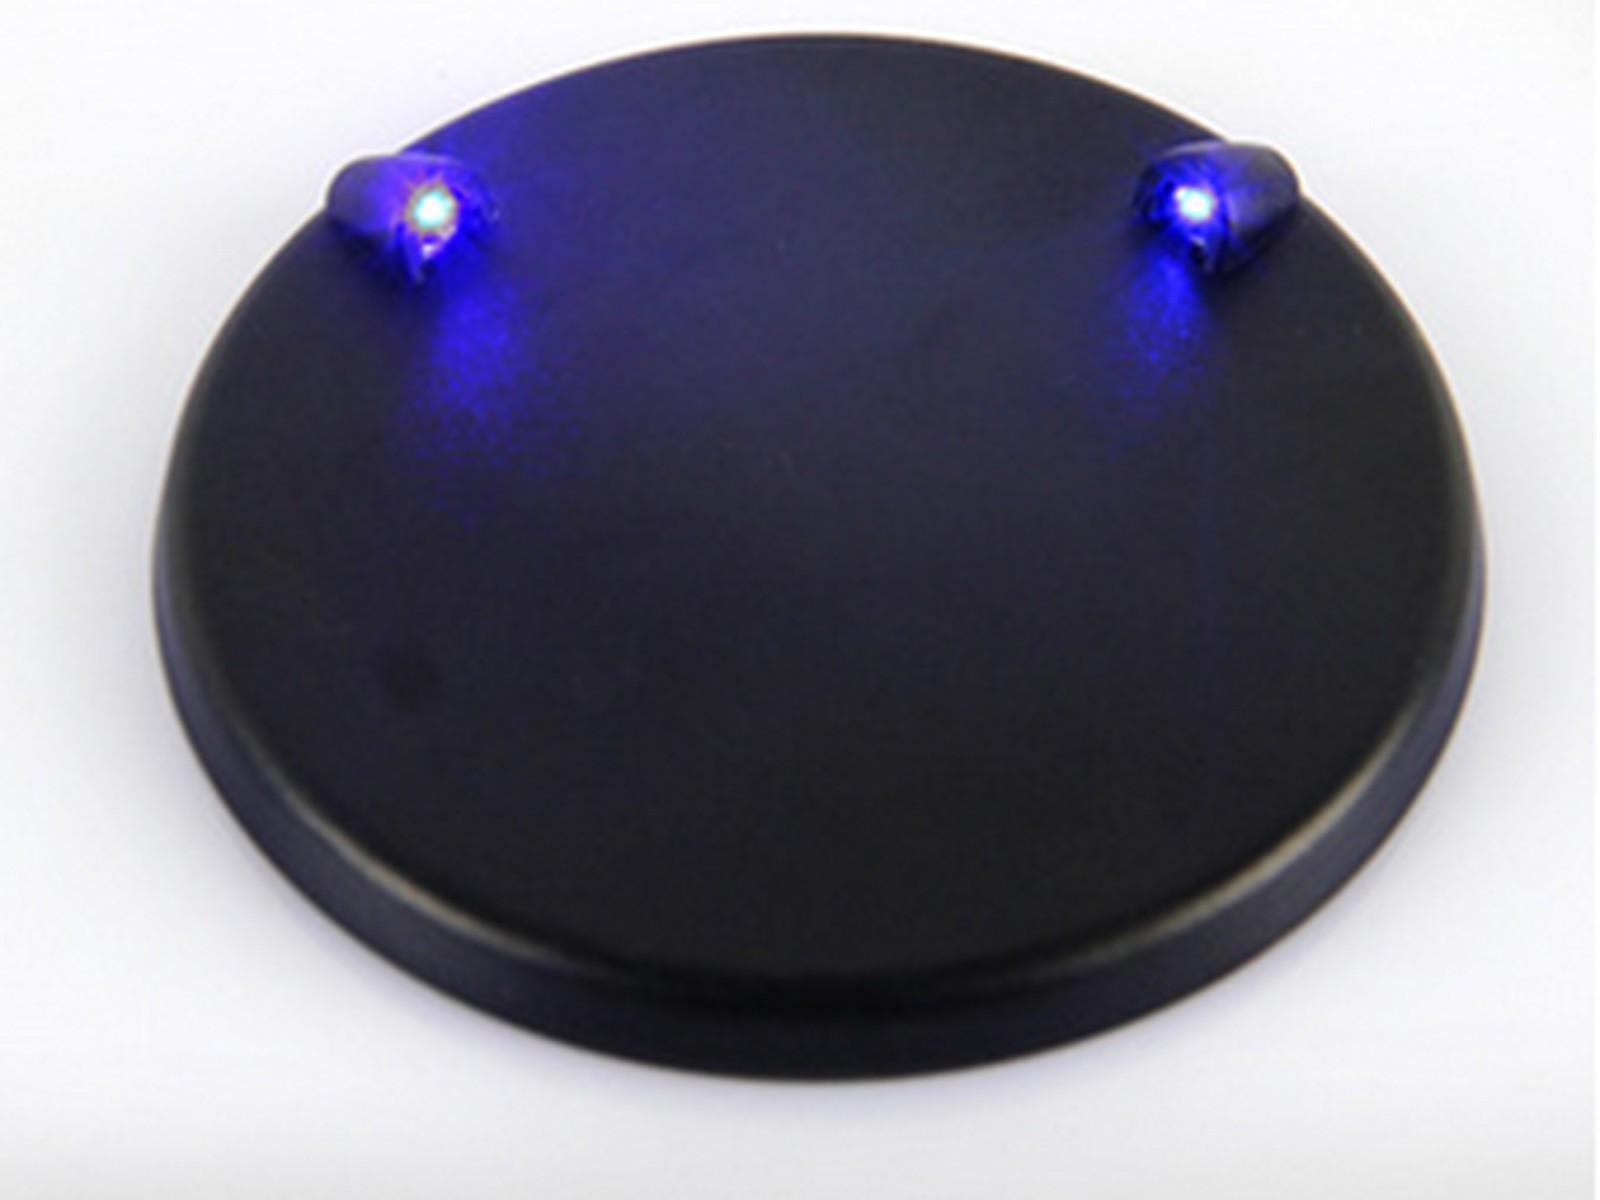 Lichtsockel mit blauem Licht